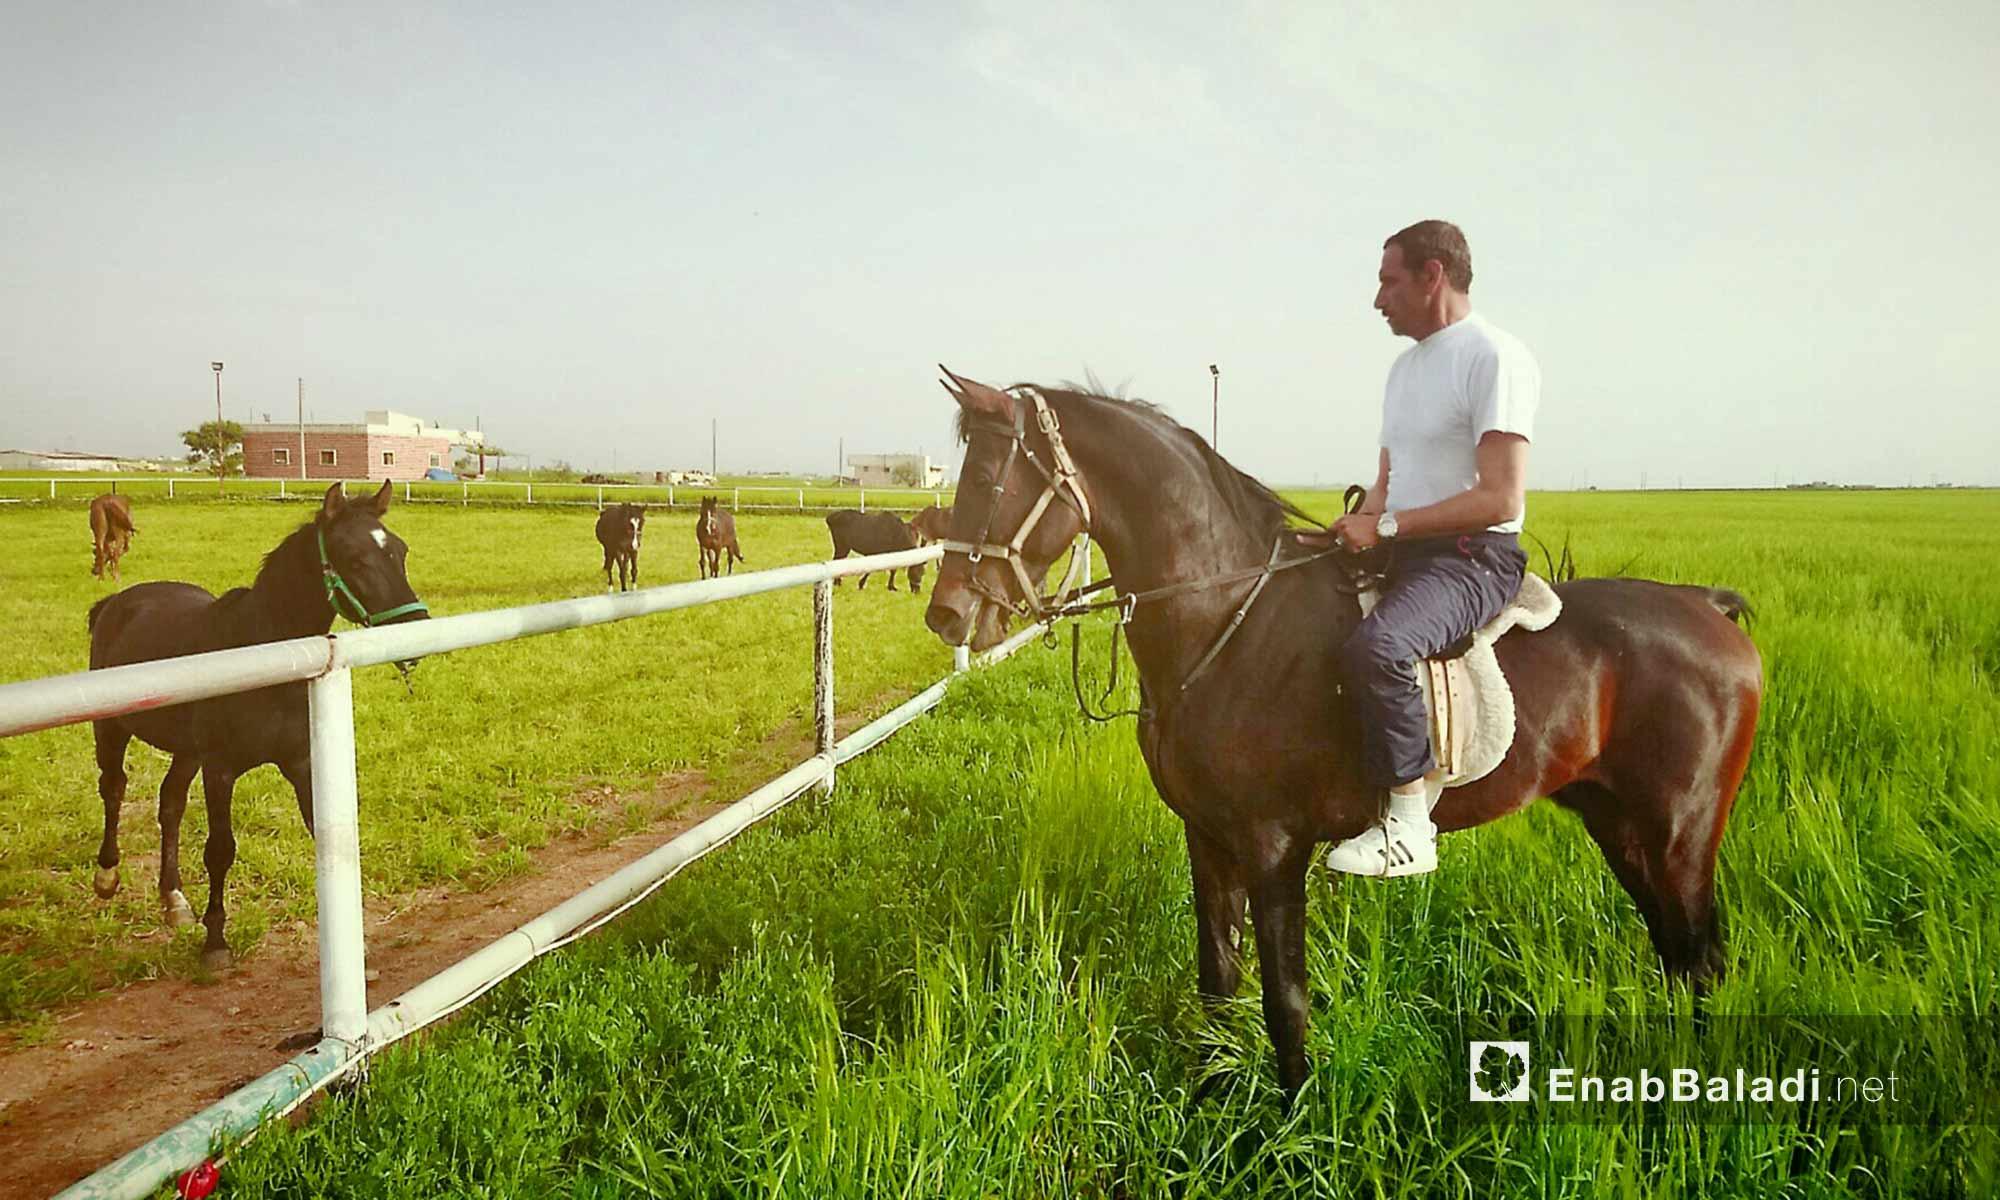 أحد مرابط الخيول العربية الأصيلة في إدلب - أيلول 2017 (عنب بلدي)